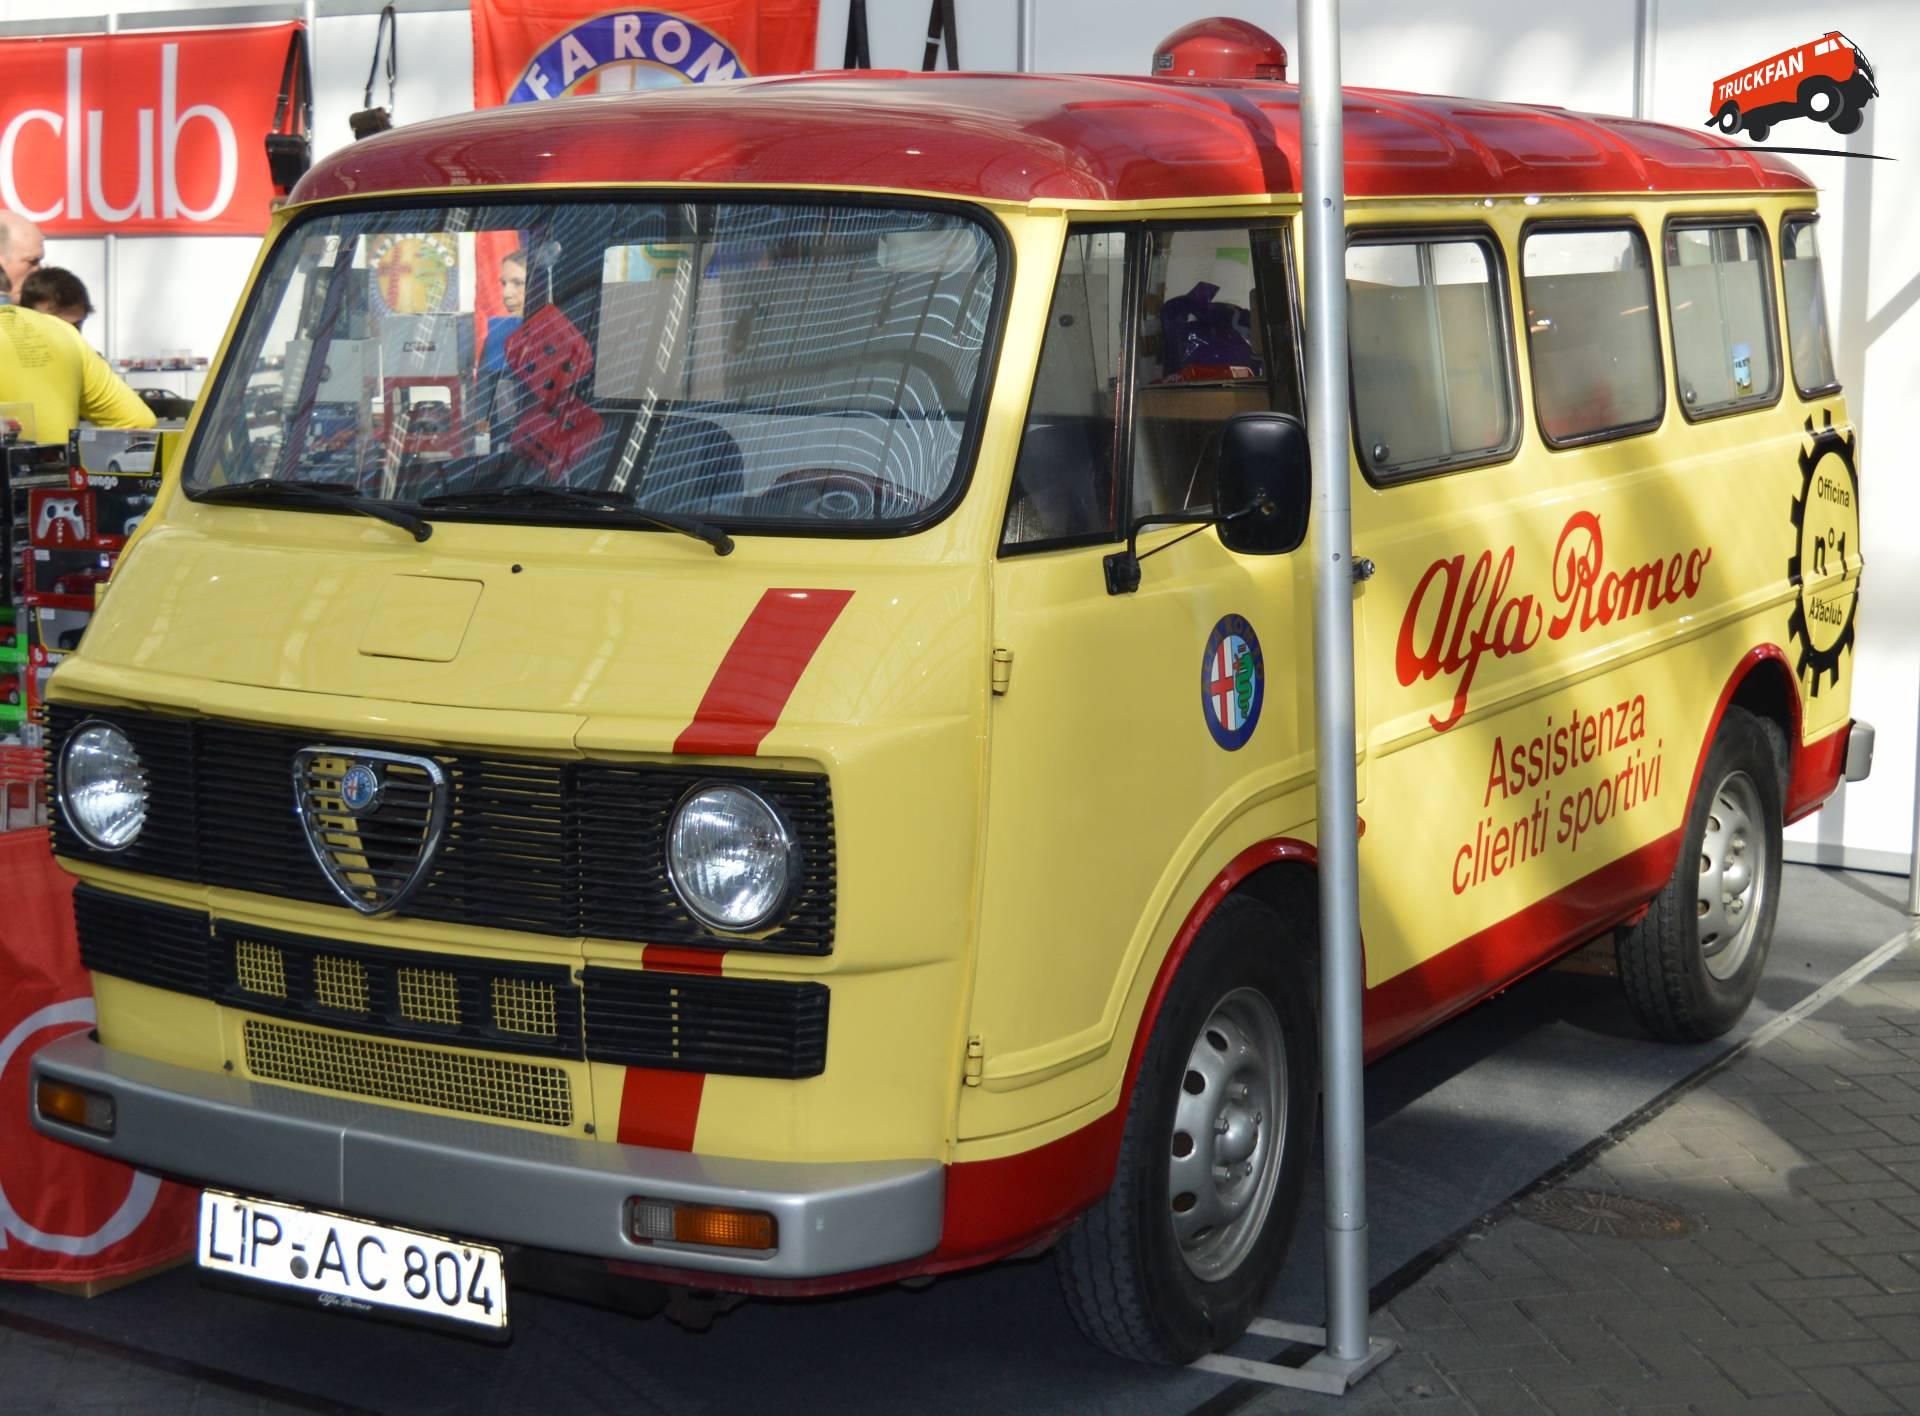 Alfa Romeo A12